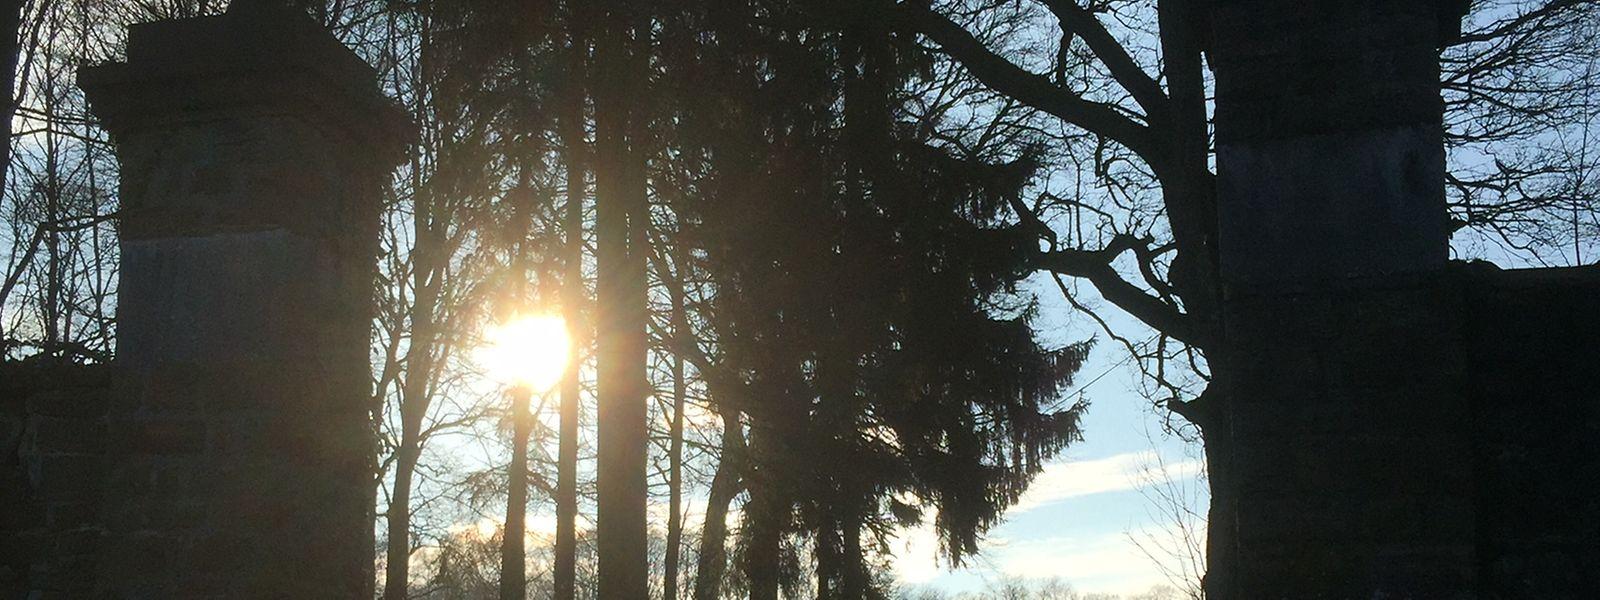 """""""Der Himmel ist offen,  der Himmel ist grenzenlos,  der Himmel hat Weite."""